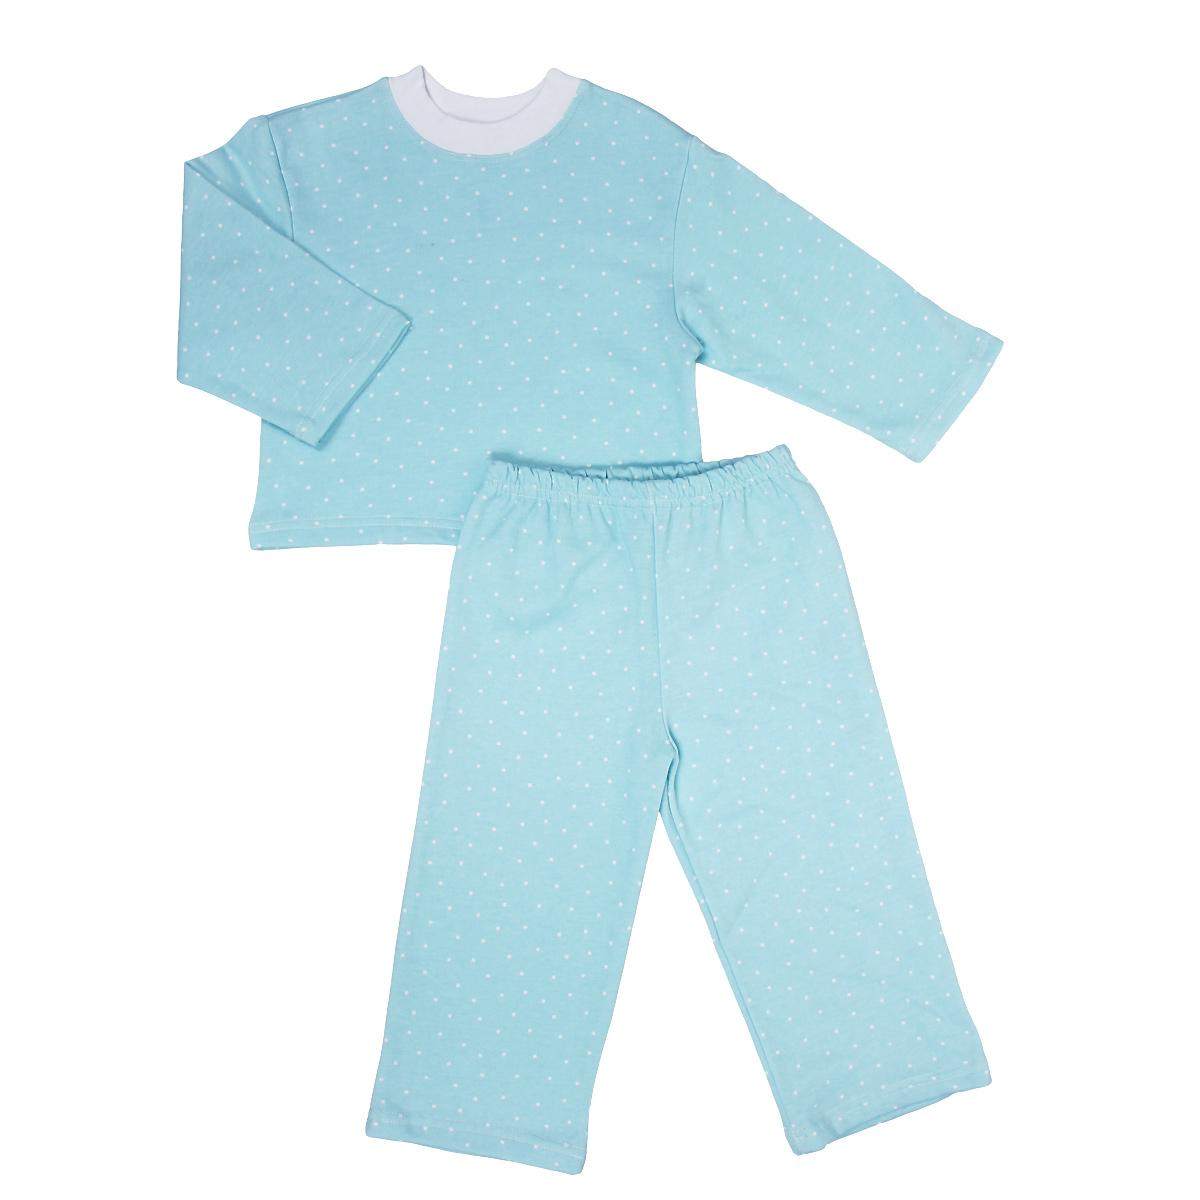 Пижама детская Трон-плюс, цвет: голубой, белый, рисунок горох. 5553. Размер 80/86, 1-2 года5553Яркая детская пижама Трон-плюс, состоящая из кофточки и штанишек, идеально подойдет вашему малышу и станет отличным дополнением к детскому гардеробу. Теплая пижама, изготовленная из набивного футера - натурального хлопка, необычайно мягкая и легкая, не сковывает движения ребенка, позволяет коже дышать и не раздражает даже самую нежную и чувствительную кожу малыша. Кофта с длинными рукавами имеет круглый вырез горловины. Штанишки на удобной резинке не сдавливают животик ребенка и не сползают.В такой пижаме ваш ребенок будет чувствовать себя комфортно и уютно во время сна.